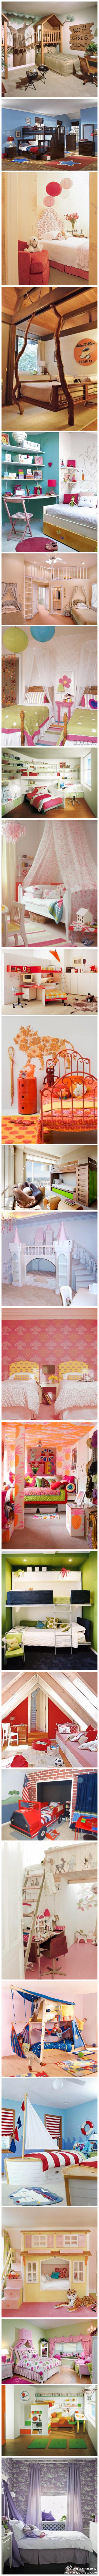 Kiddie's Room